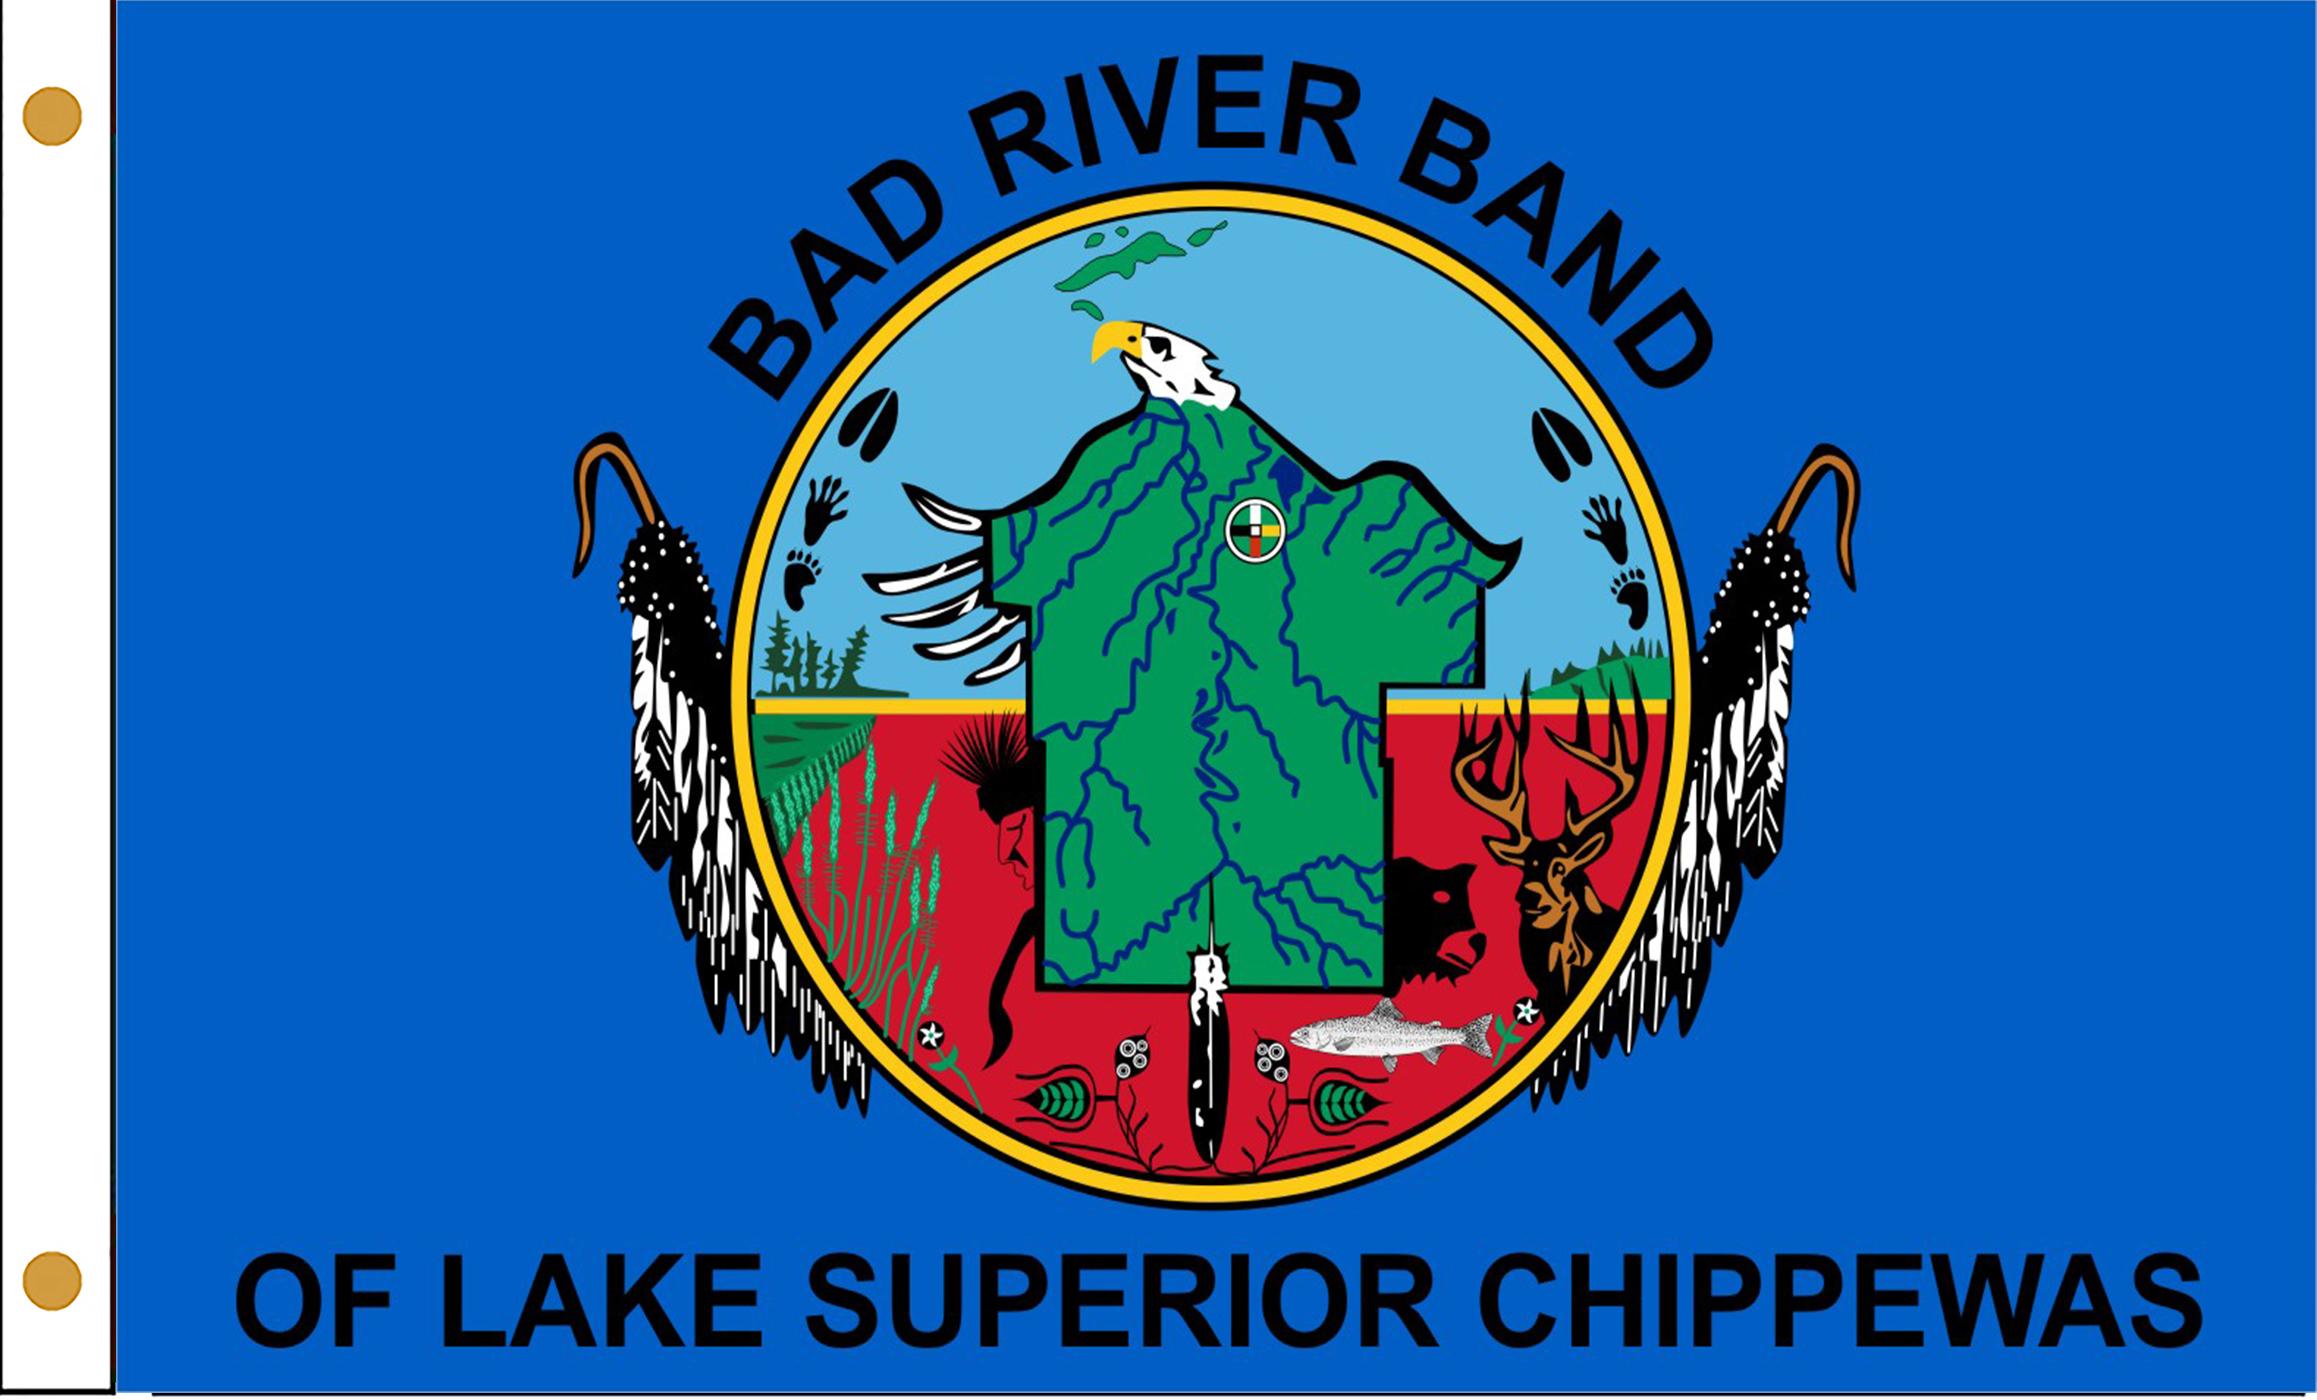 Bad River Band of Chippewa Flags